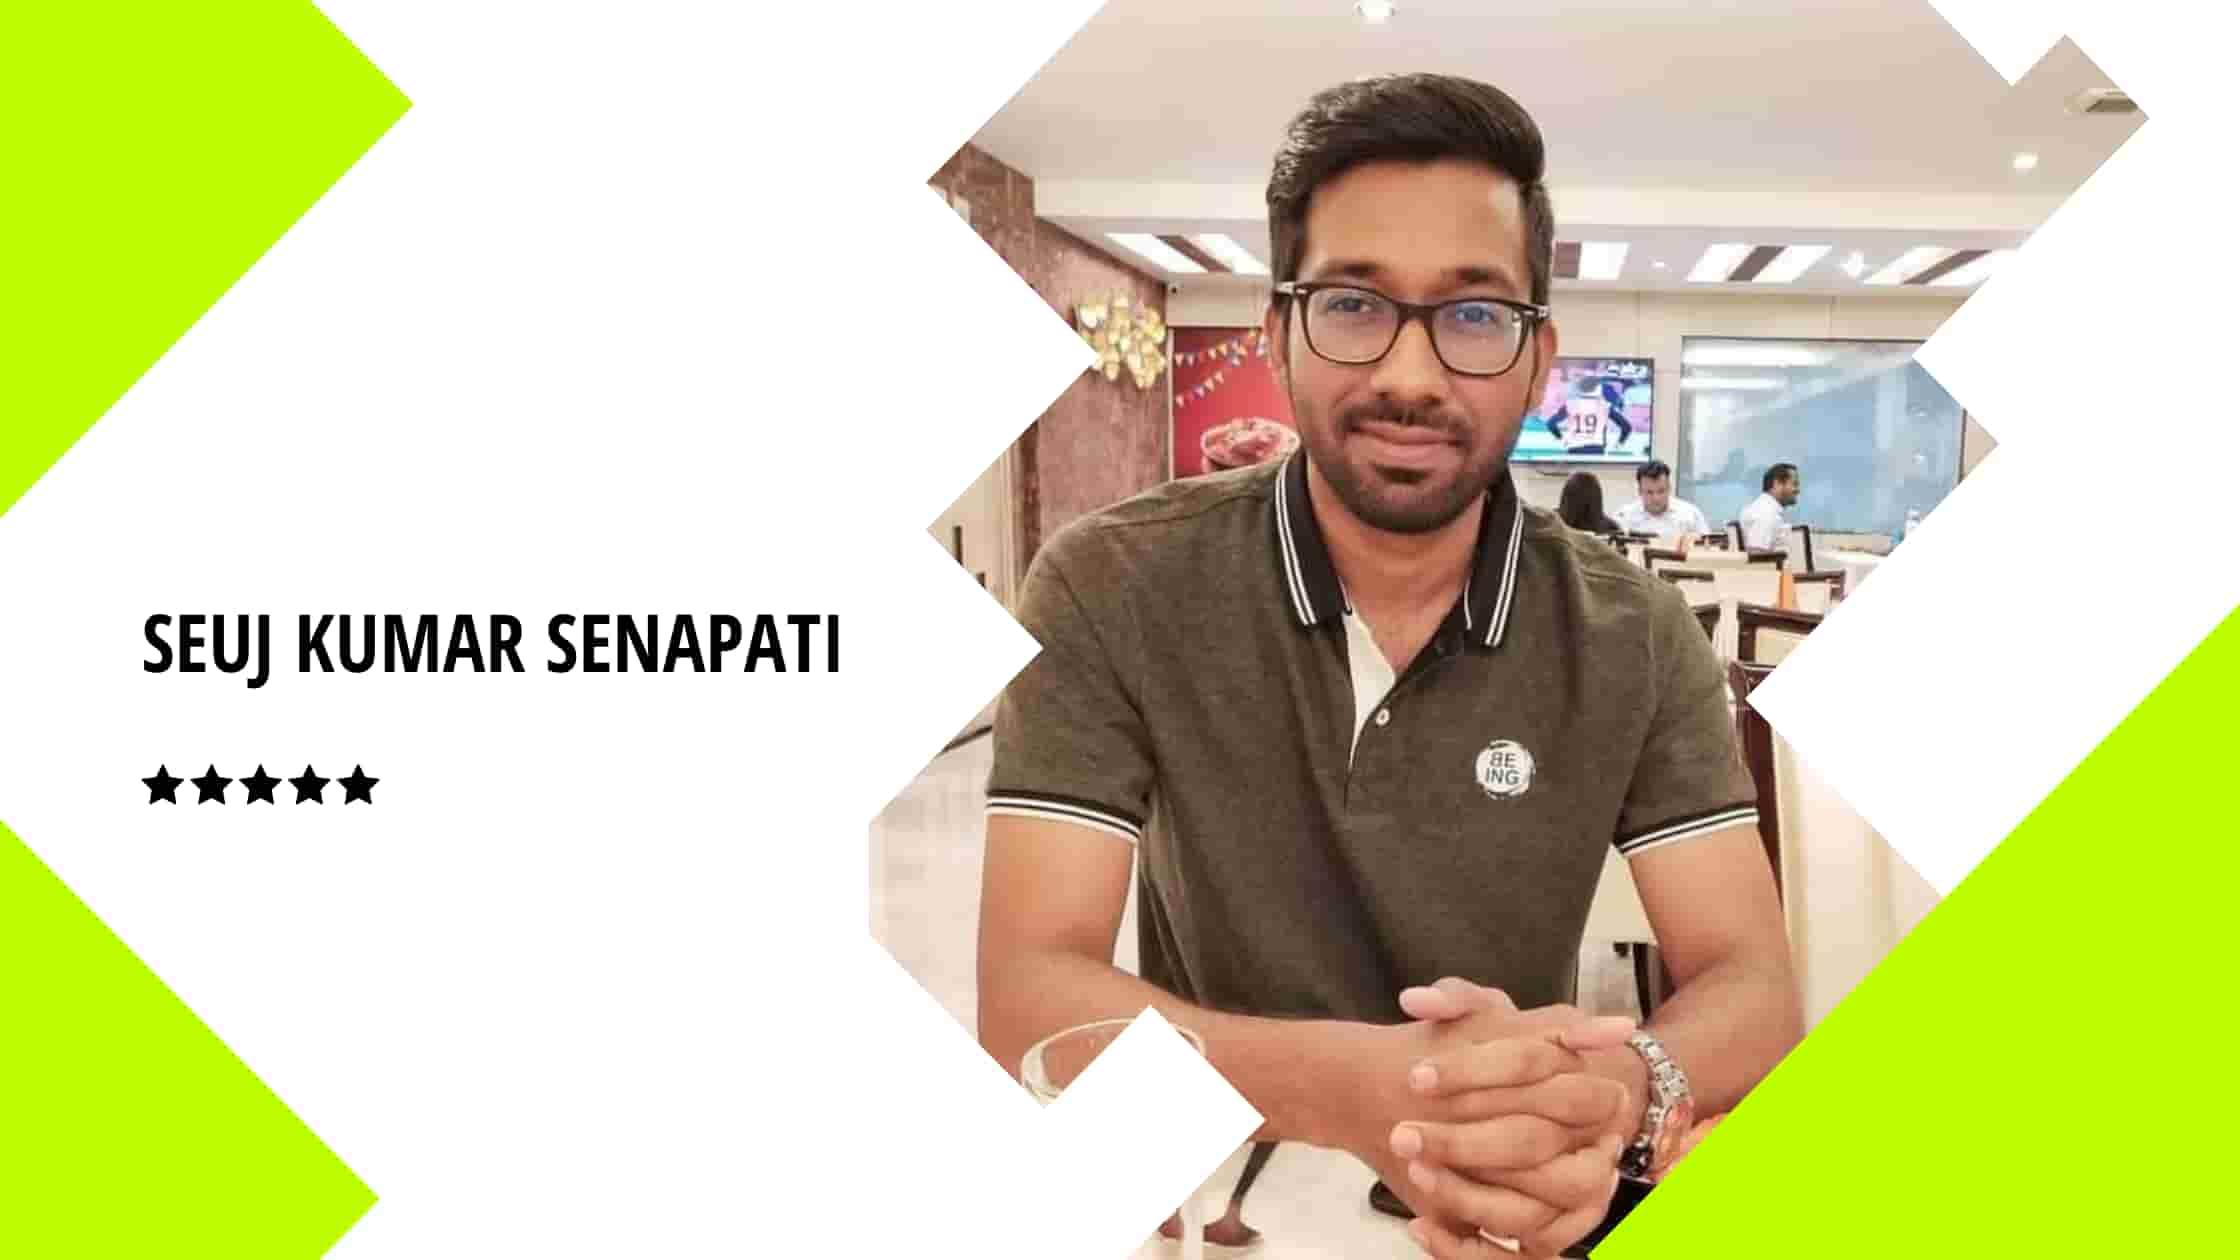 Seuj Kumar Senapati case